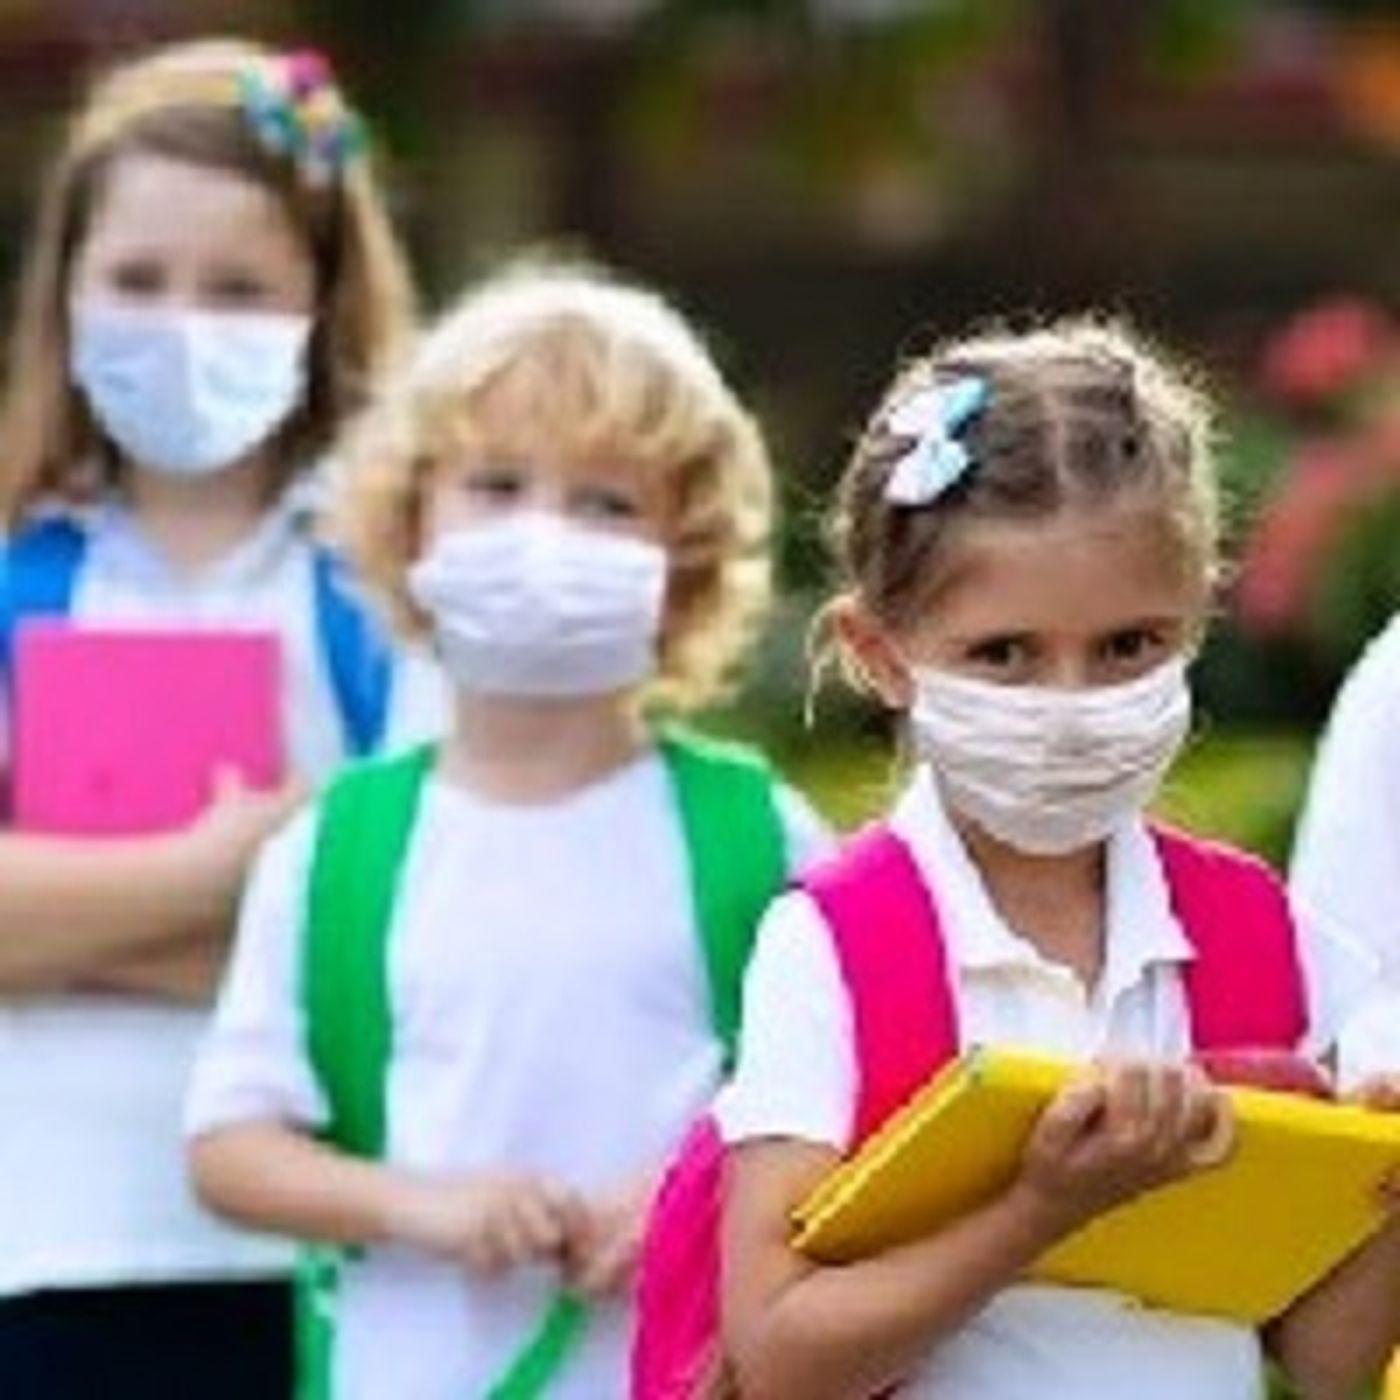 Il vaccino ha funzionato per una scuola sicura? No, è solo un trucco del governo